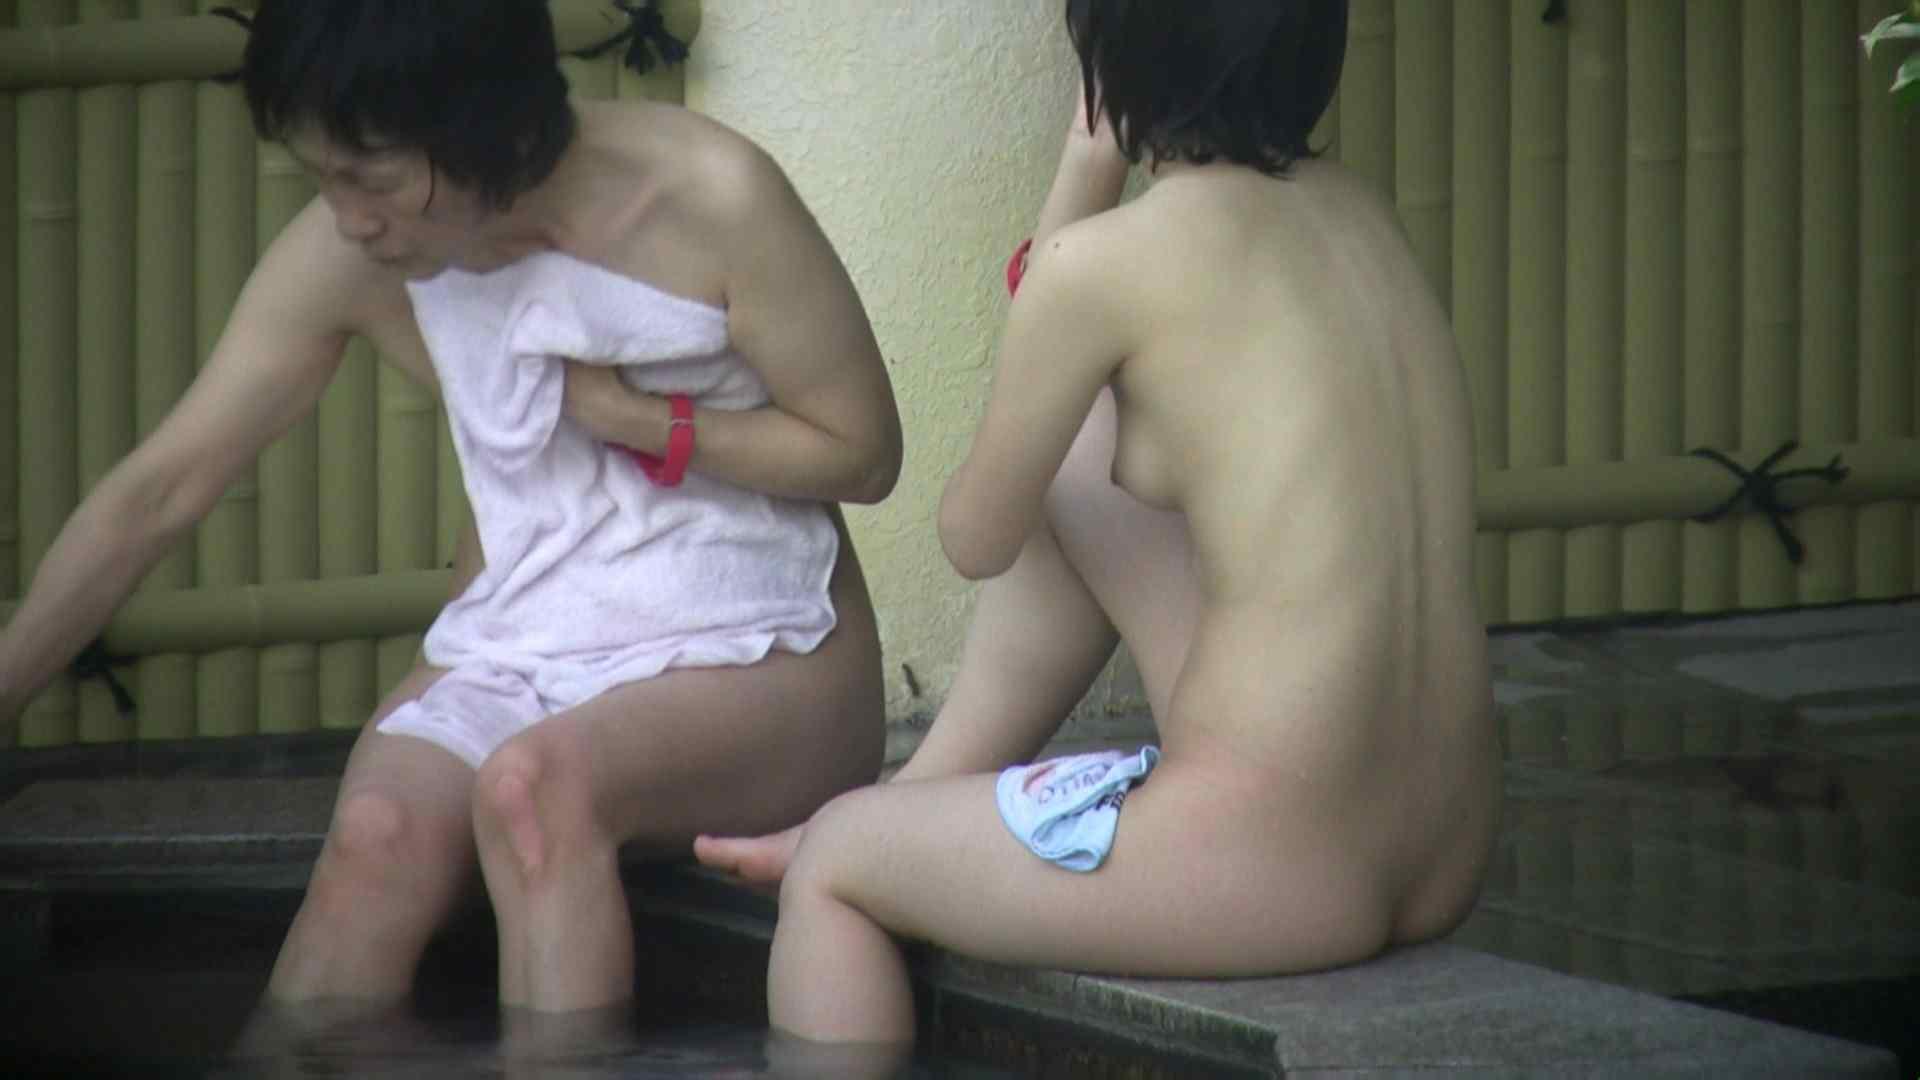 Aquaな露天風呂Vol.06【VIP】 OLセックス のぞきおめこ無修正画像 83画像 50